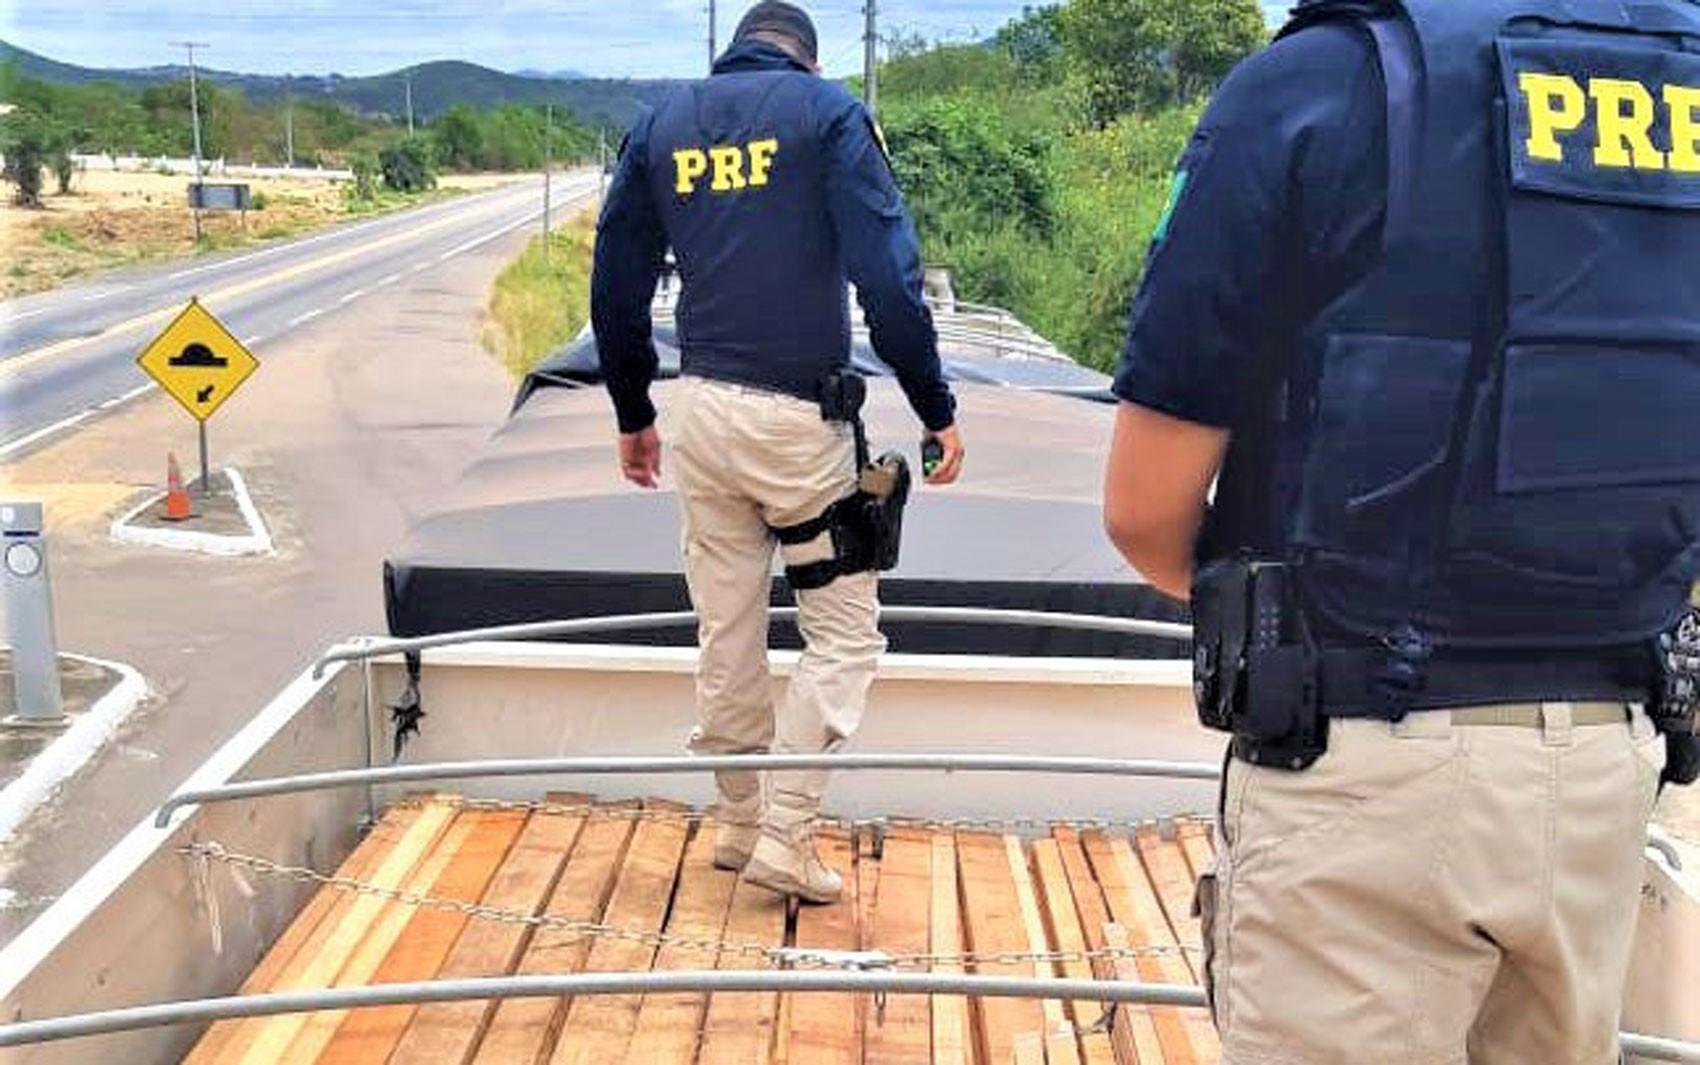 Carga de madeira nativa transportada ilegalmente é apreendida no norte da Bahia